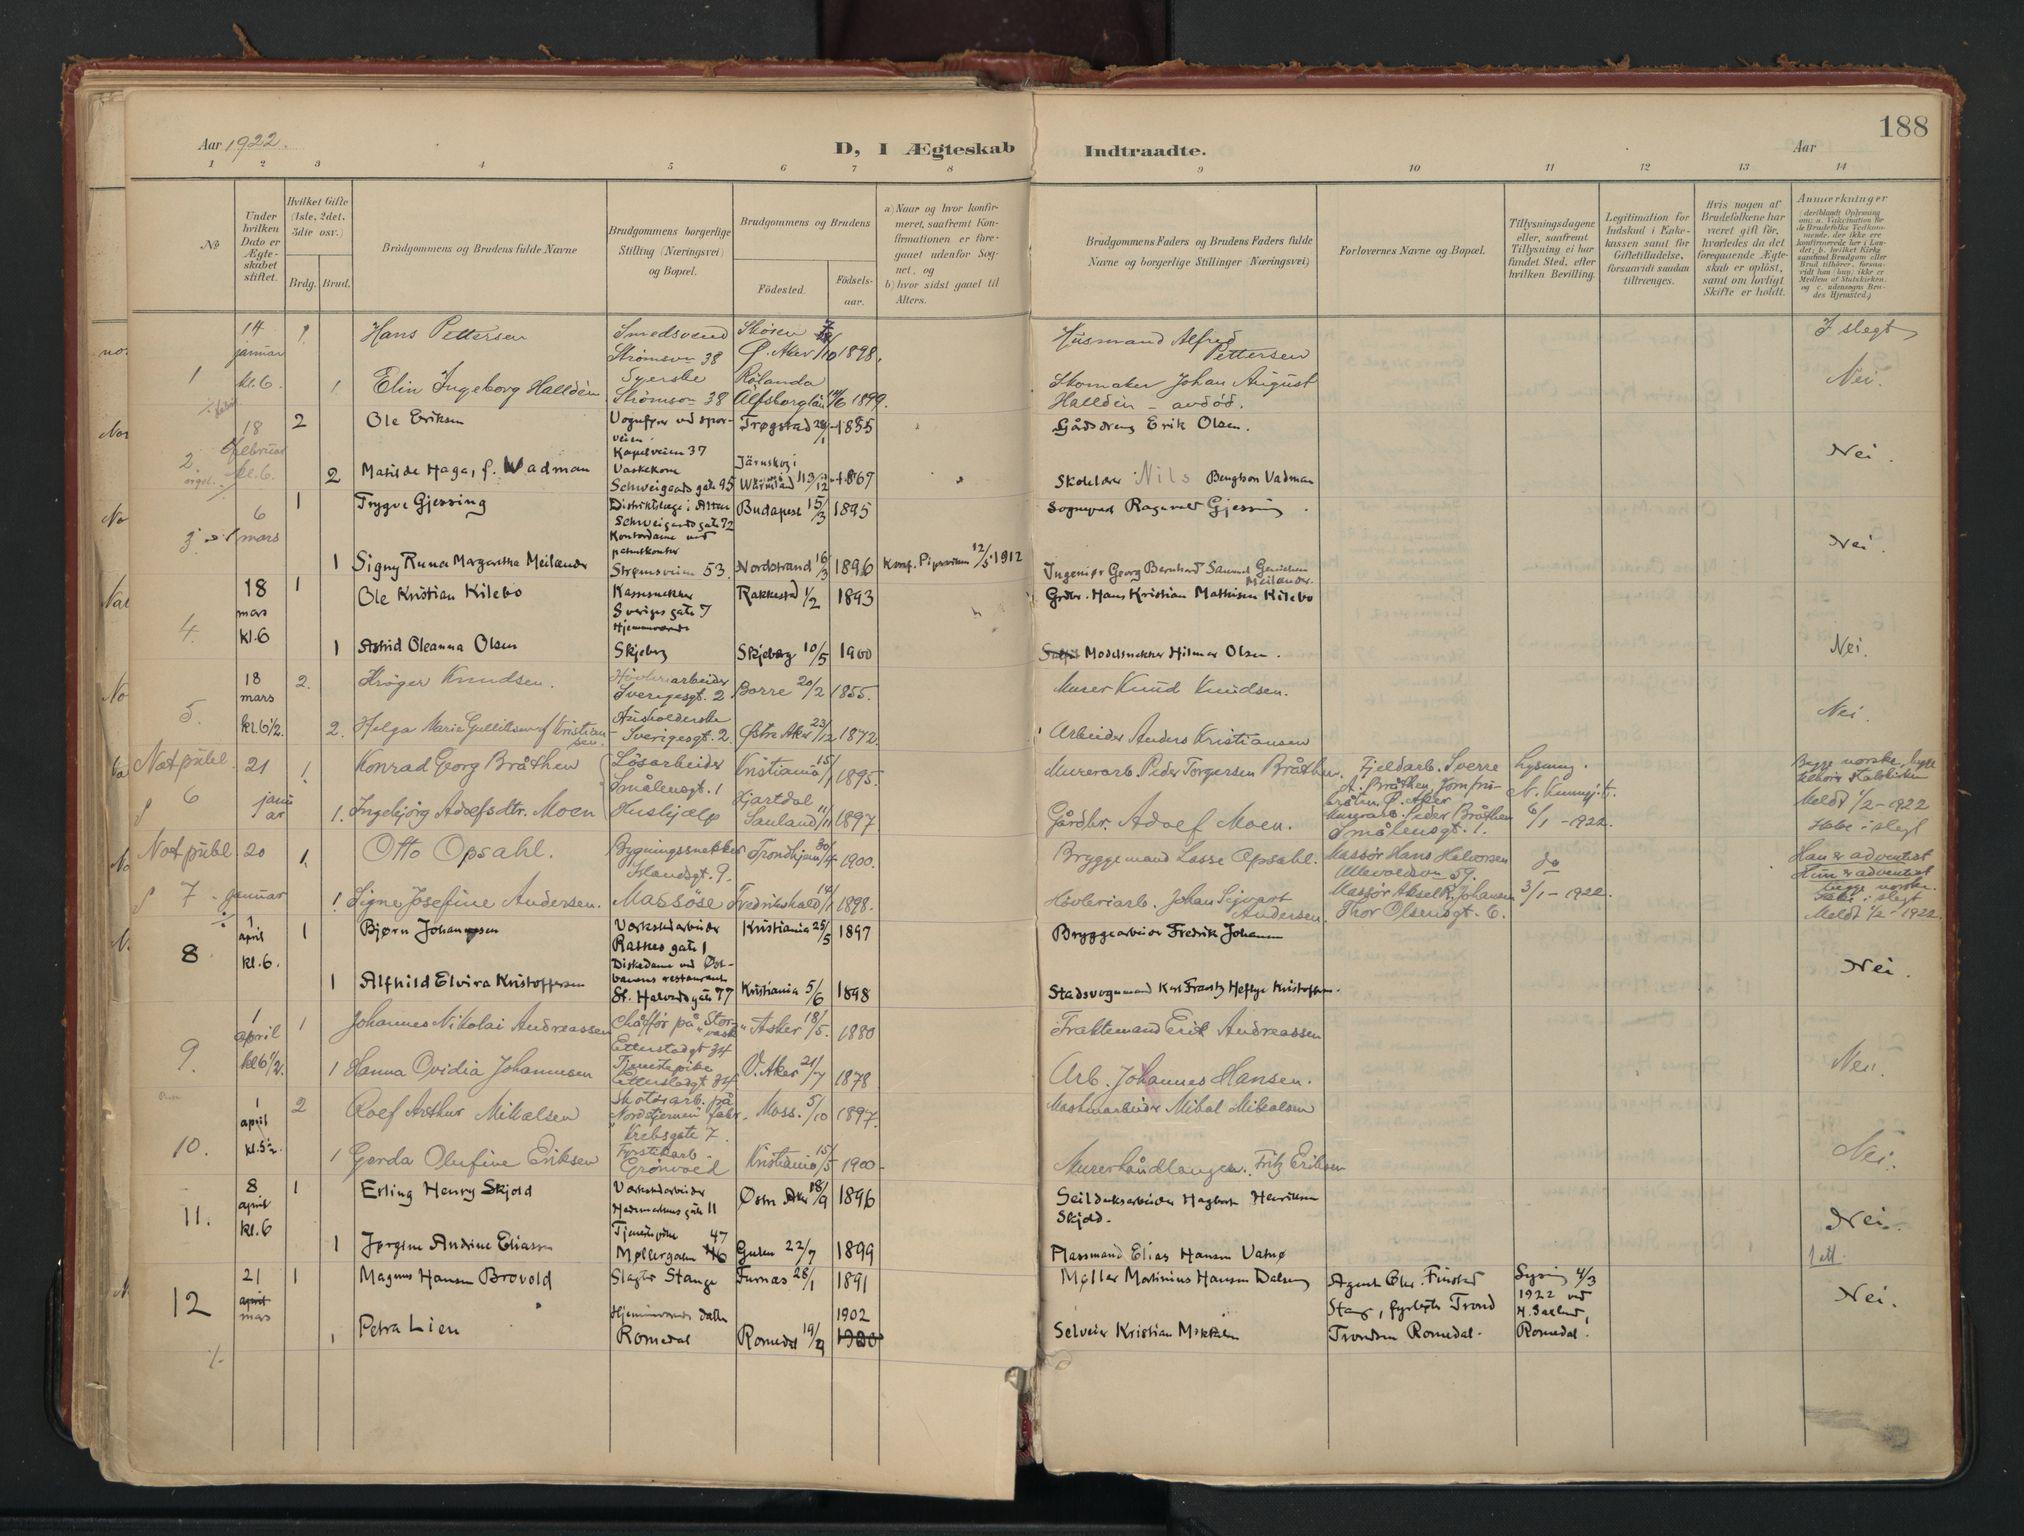 SAO, Vålerengen prestekontor Kirkebøker, F/Fa/L0002: Ministerialbok nr. 2, 1899-1924, s. 188